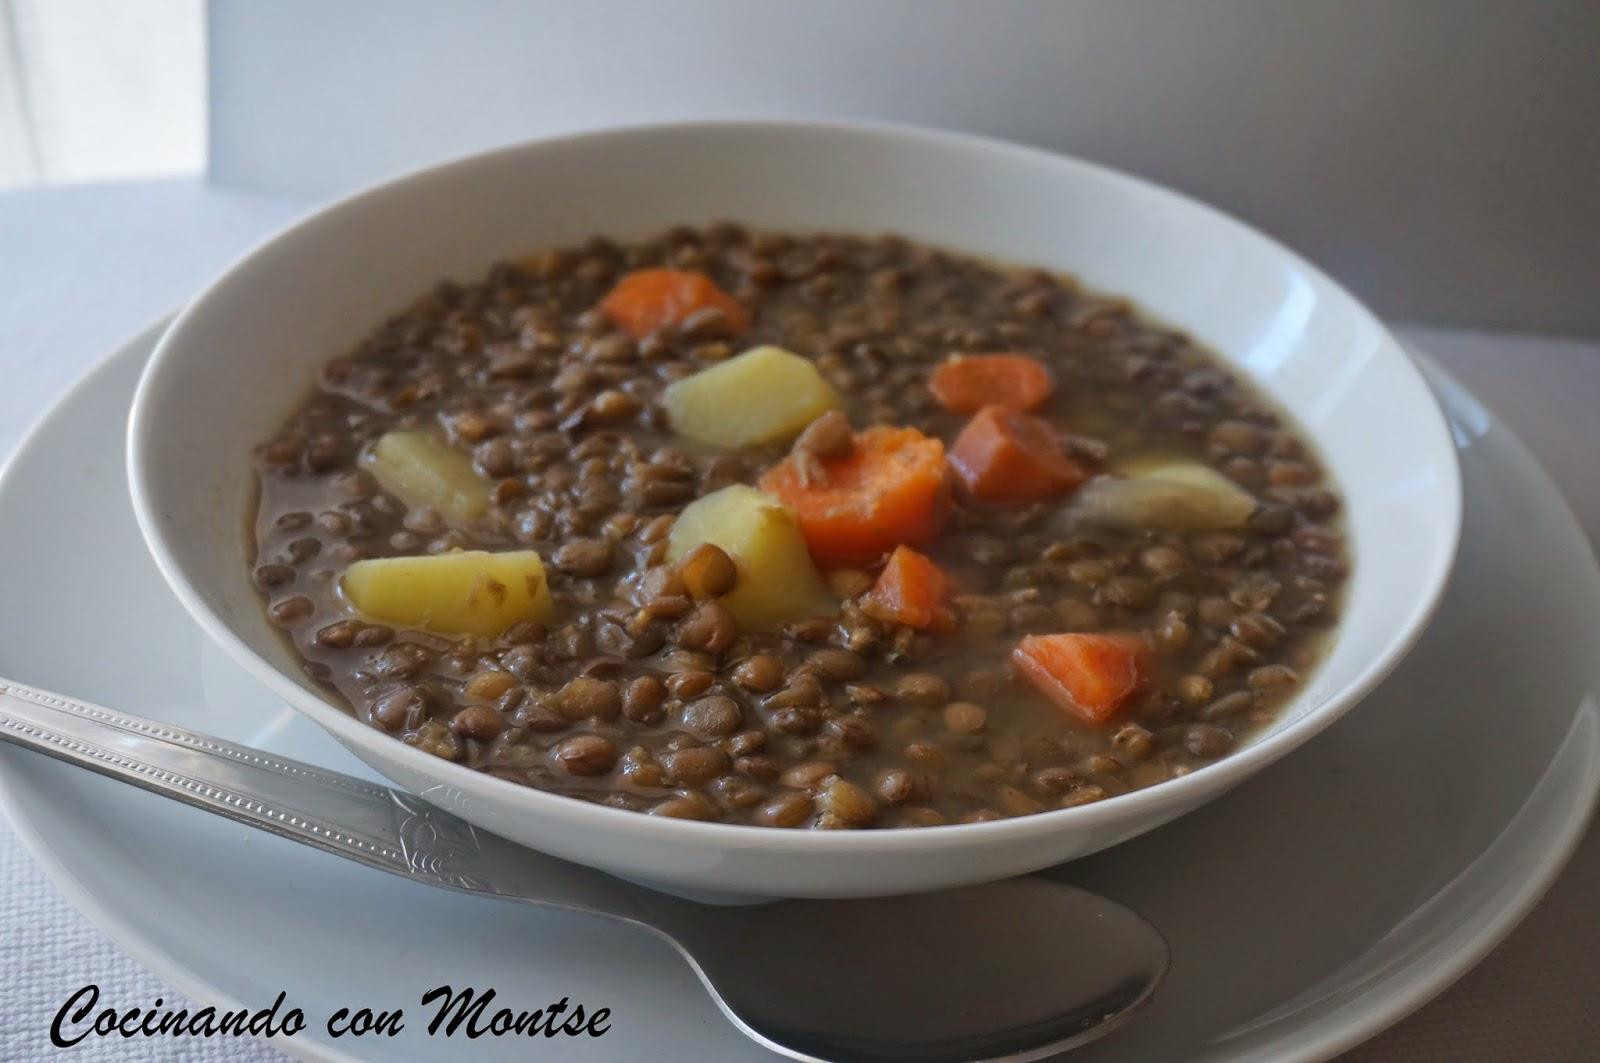 Cocinando con montse lentejas con verduras for Platos faciles de cocinar